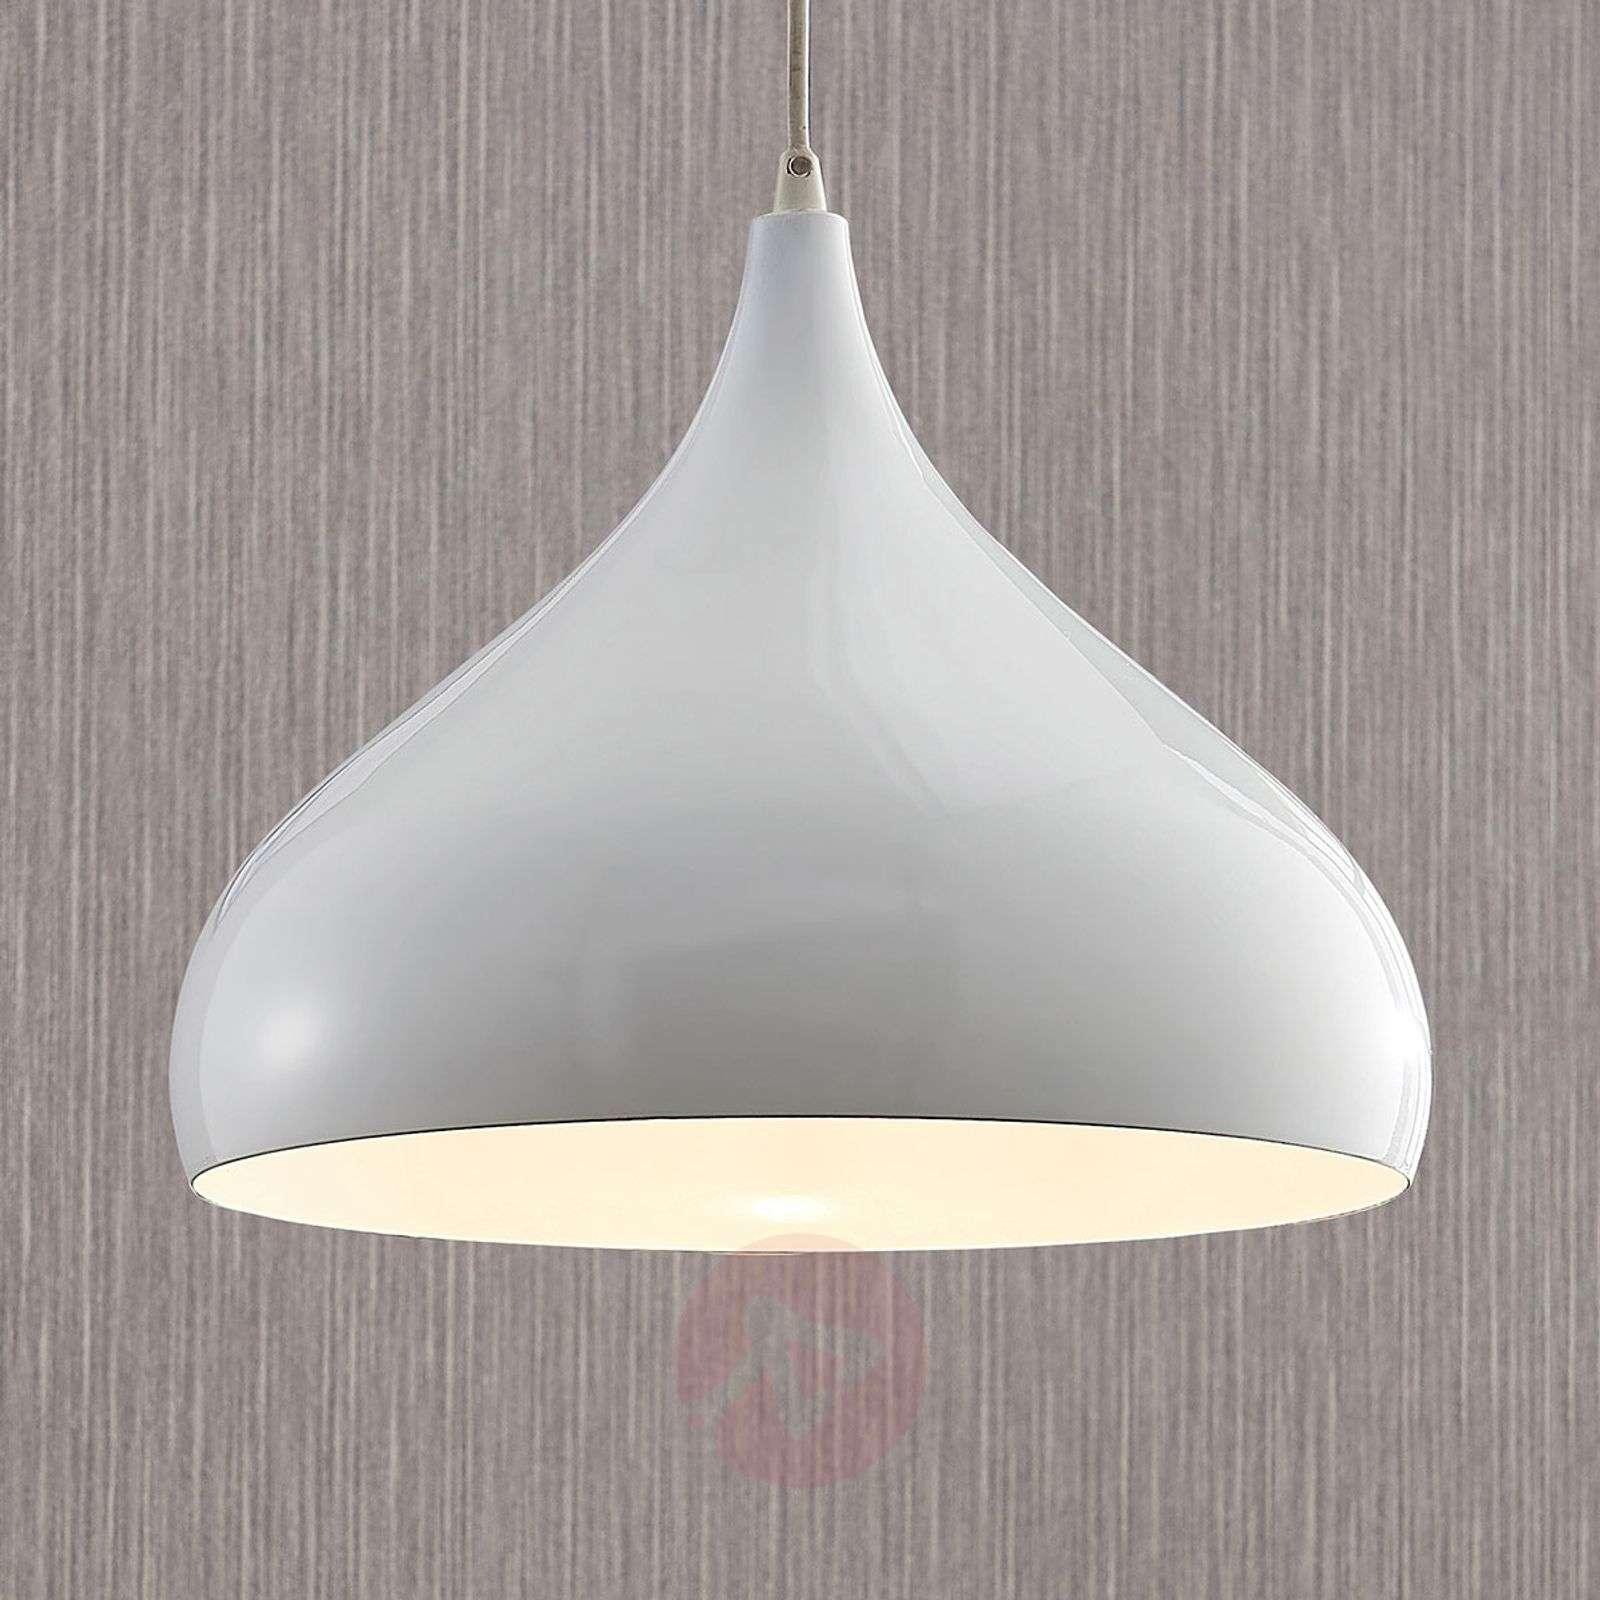 Alumiiniriippuvalaisin Ritana, valkoinen-9624337-01